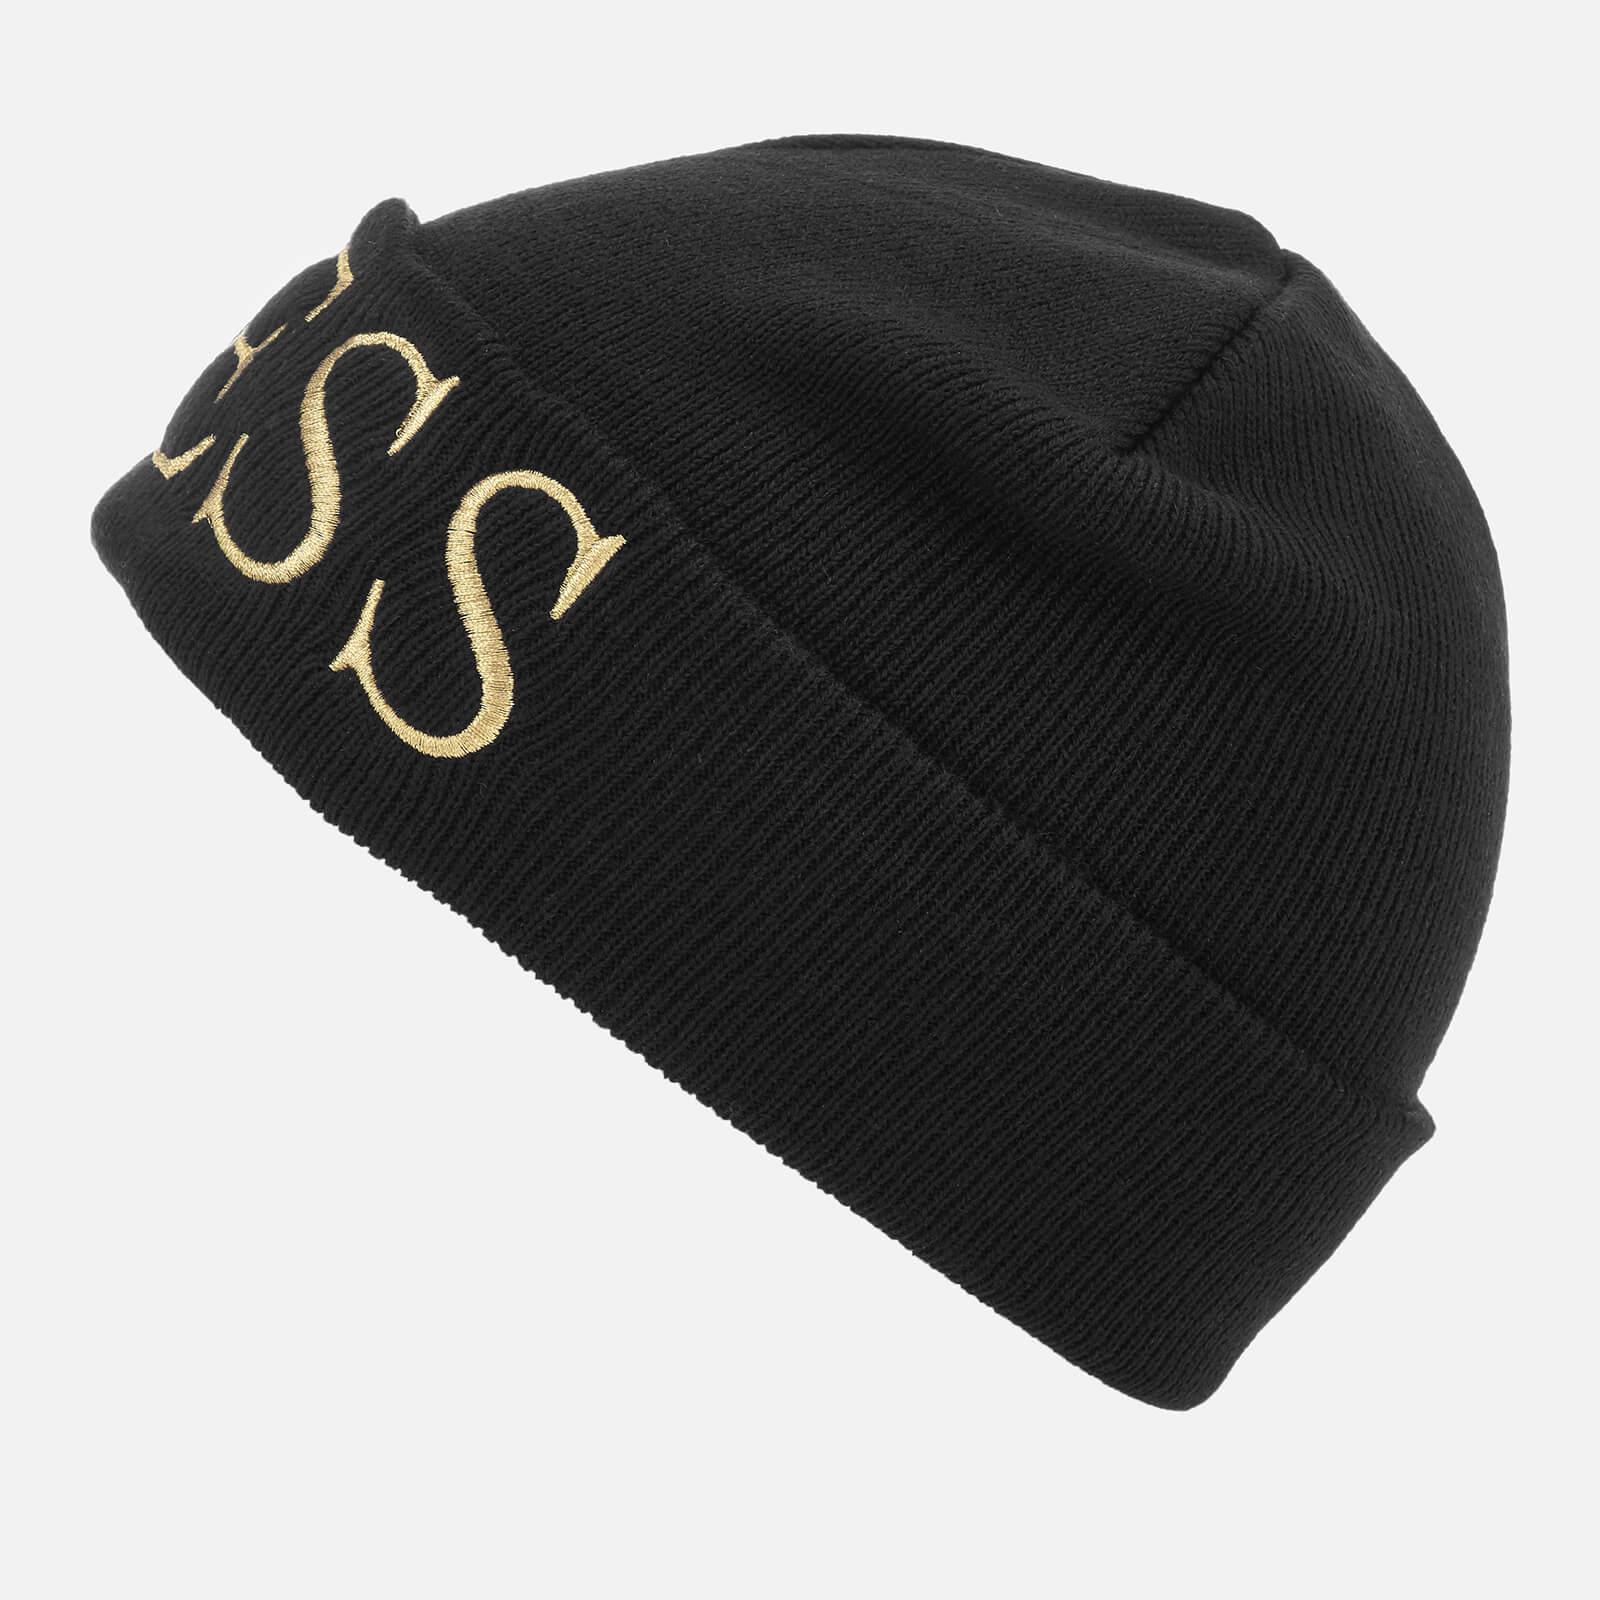 22d085e53 Guess Black Logo Beanie Hat